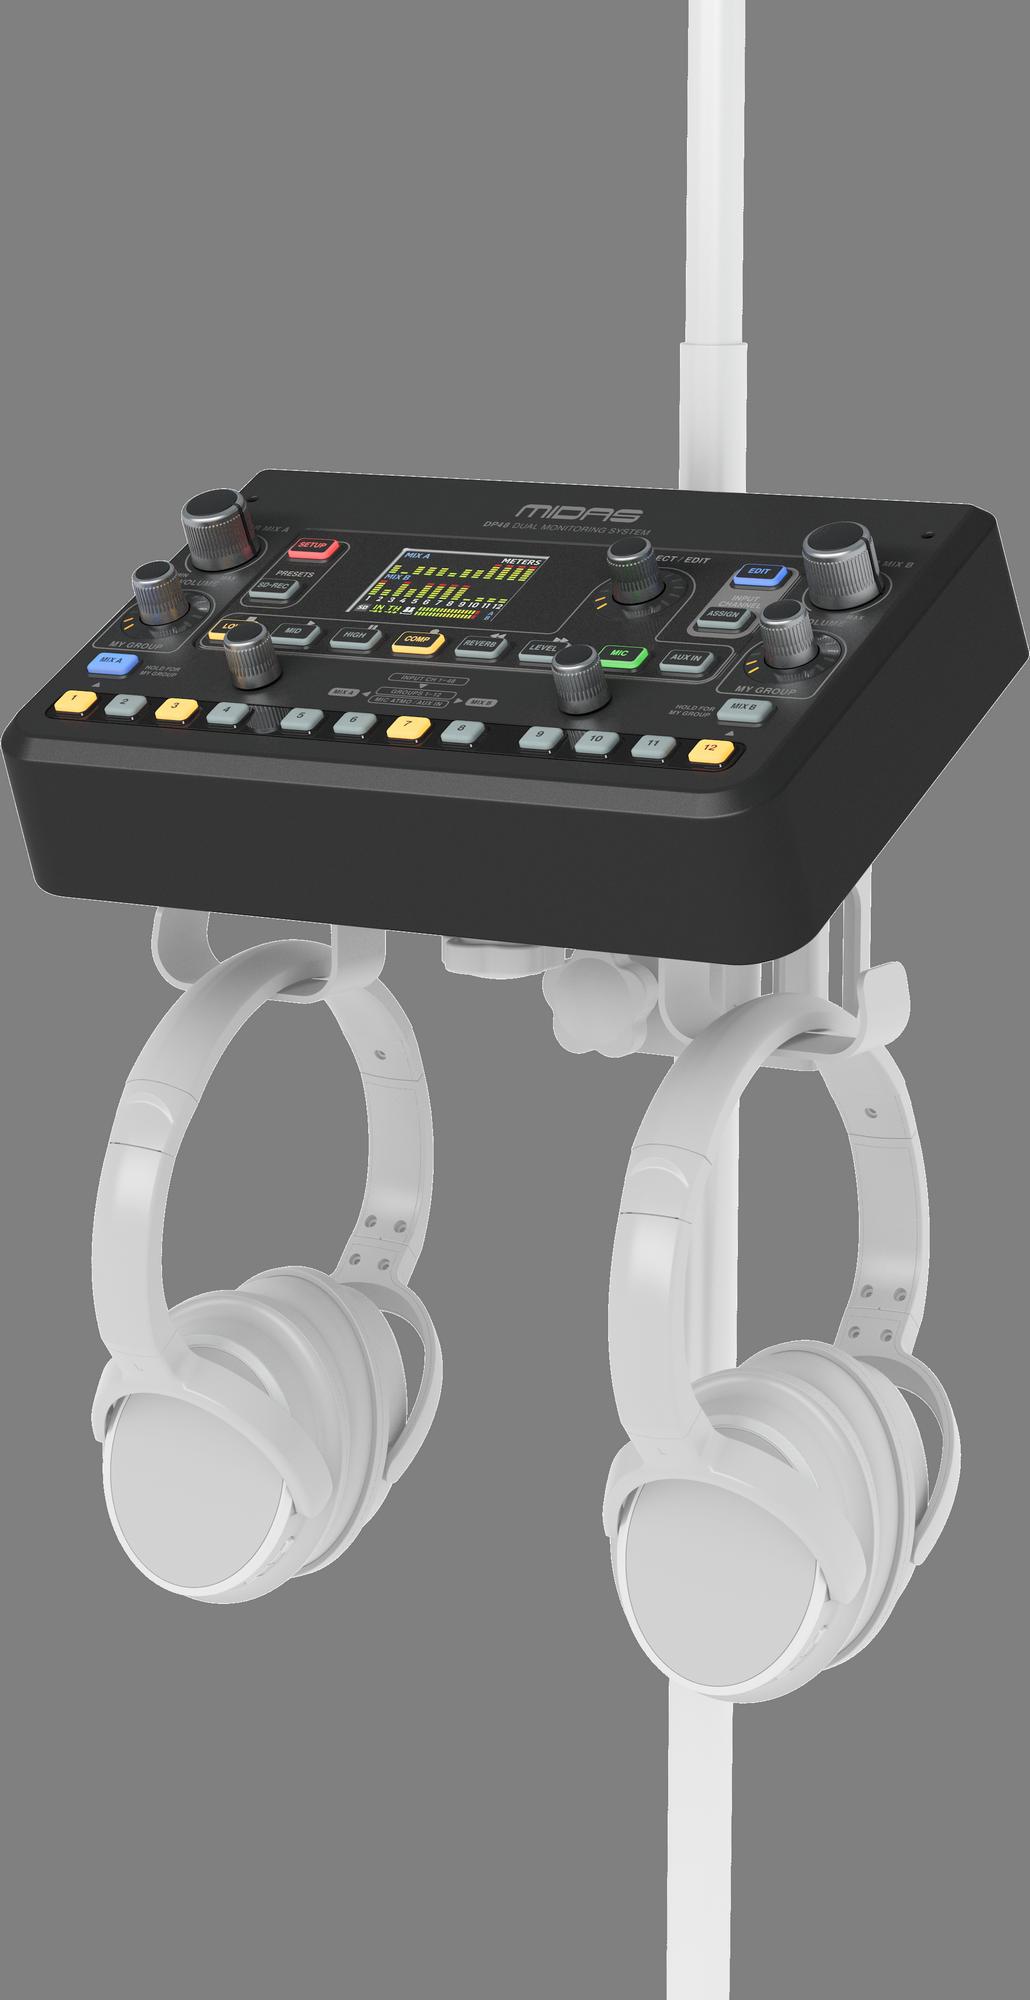 Midas DP48 - Personal monitor mixer